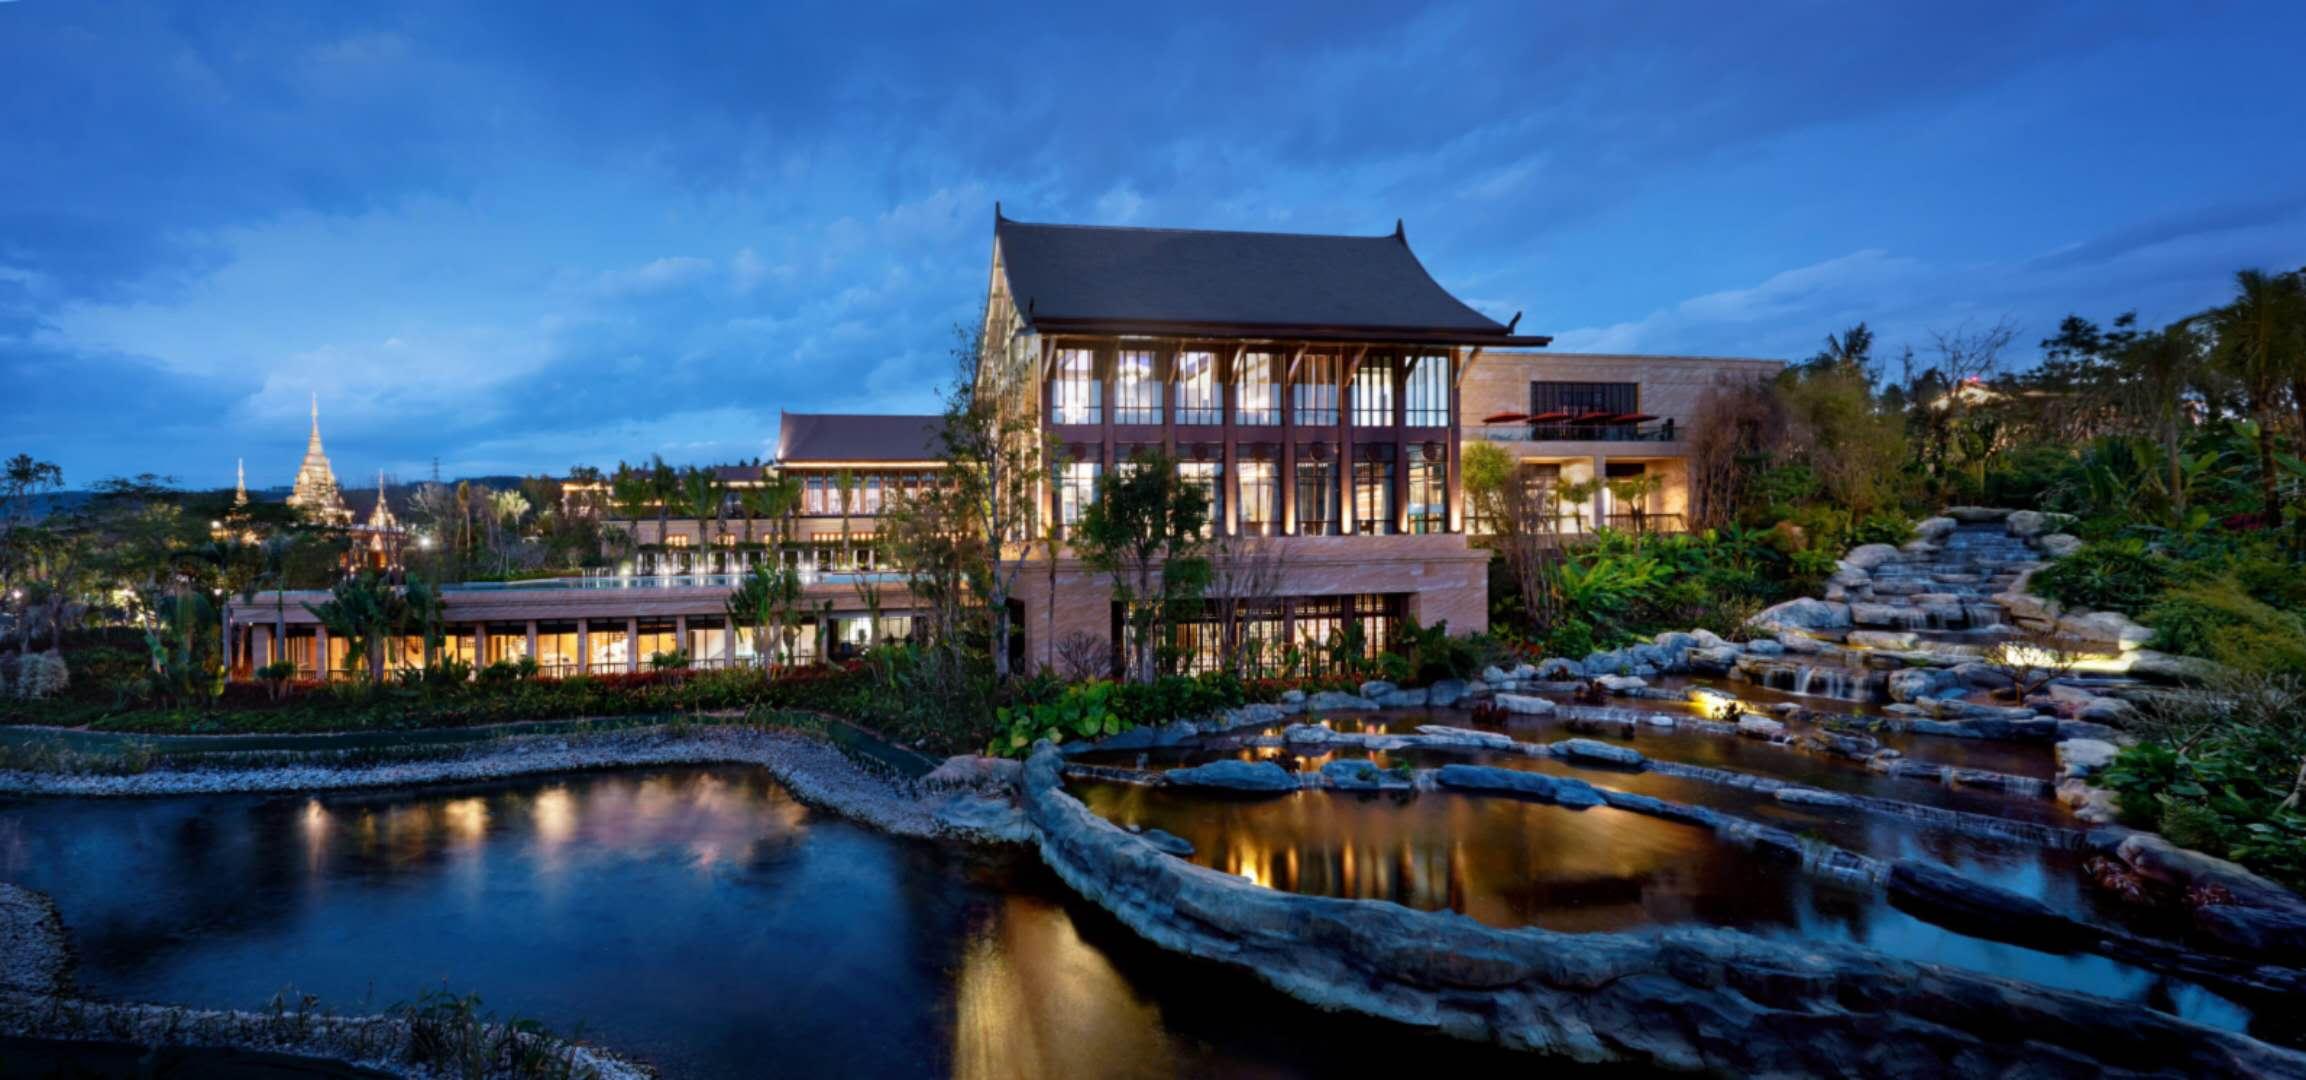 项目占地 107.04亩, 总建筑面积约18万平方米, 计容面积 17.6万平方米, 容积率 2.47, 建筑密度 44.21, 绿地率 30.1%。 其中商业744间,面积5万平方米,住宅及酒店公寓1456间,面积9.4万平方米。  定价约11000左右 户型分别36-55平方的精装公寓                  60-108平方的一进式套间。 各商铺整租代售。都是带租约出售。而且我们是准现房今年12月30号之前毛坯交付 交房日期:2019年6月30前精装修交付